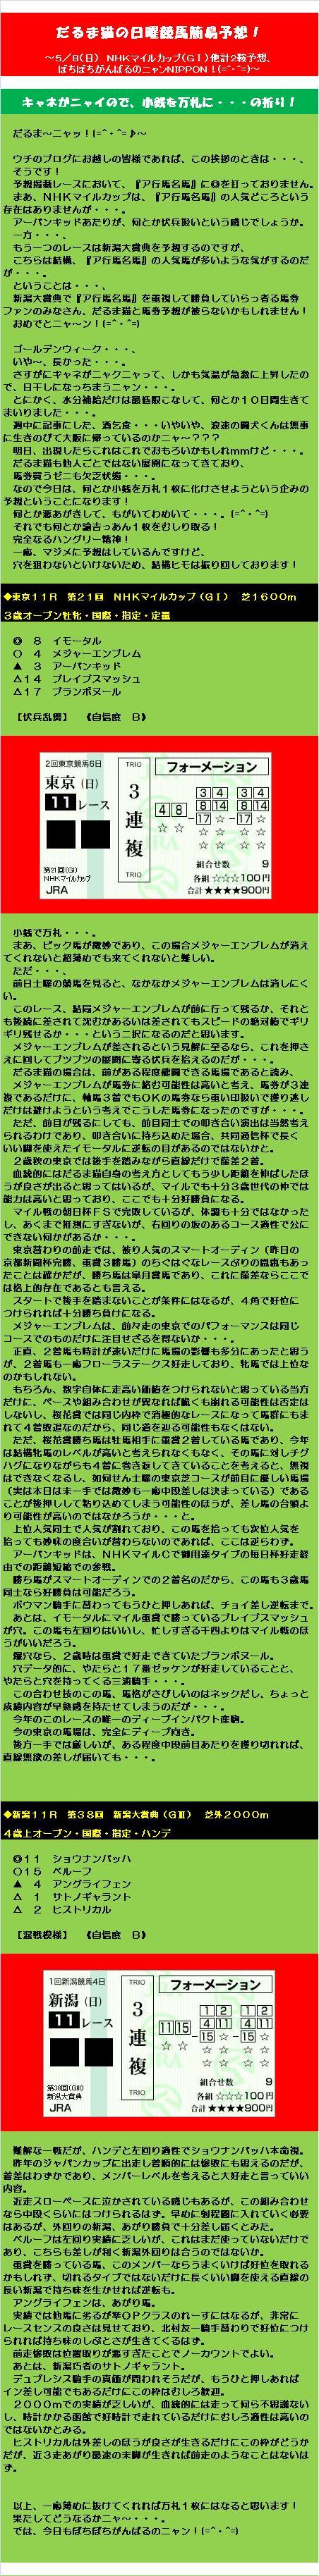 20160508・だるま猫の日曜競馬簡易予想!.jpg